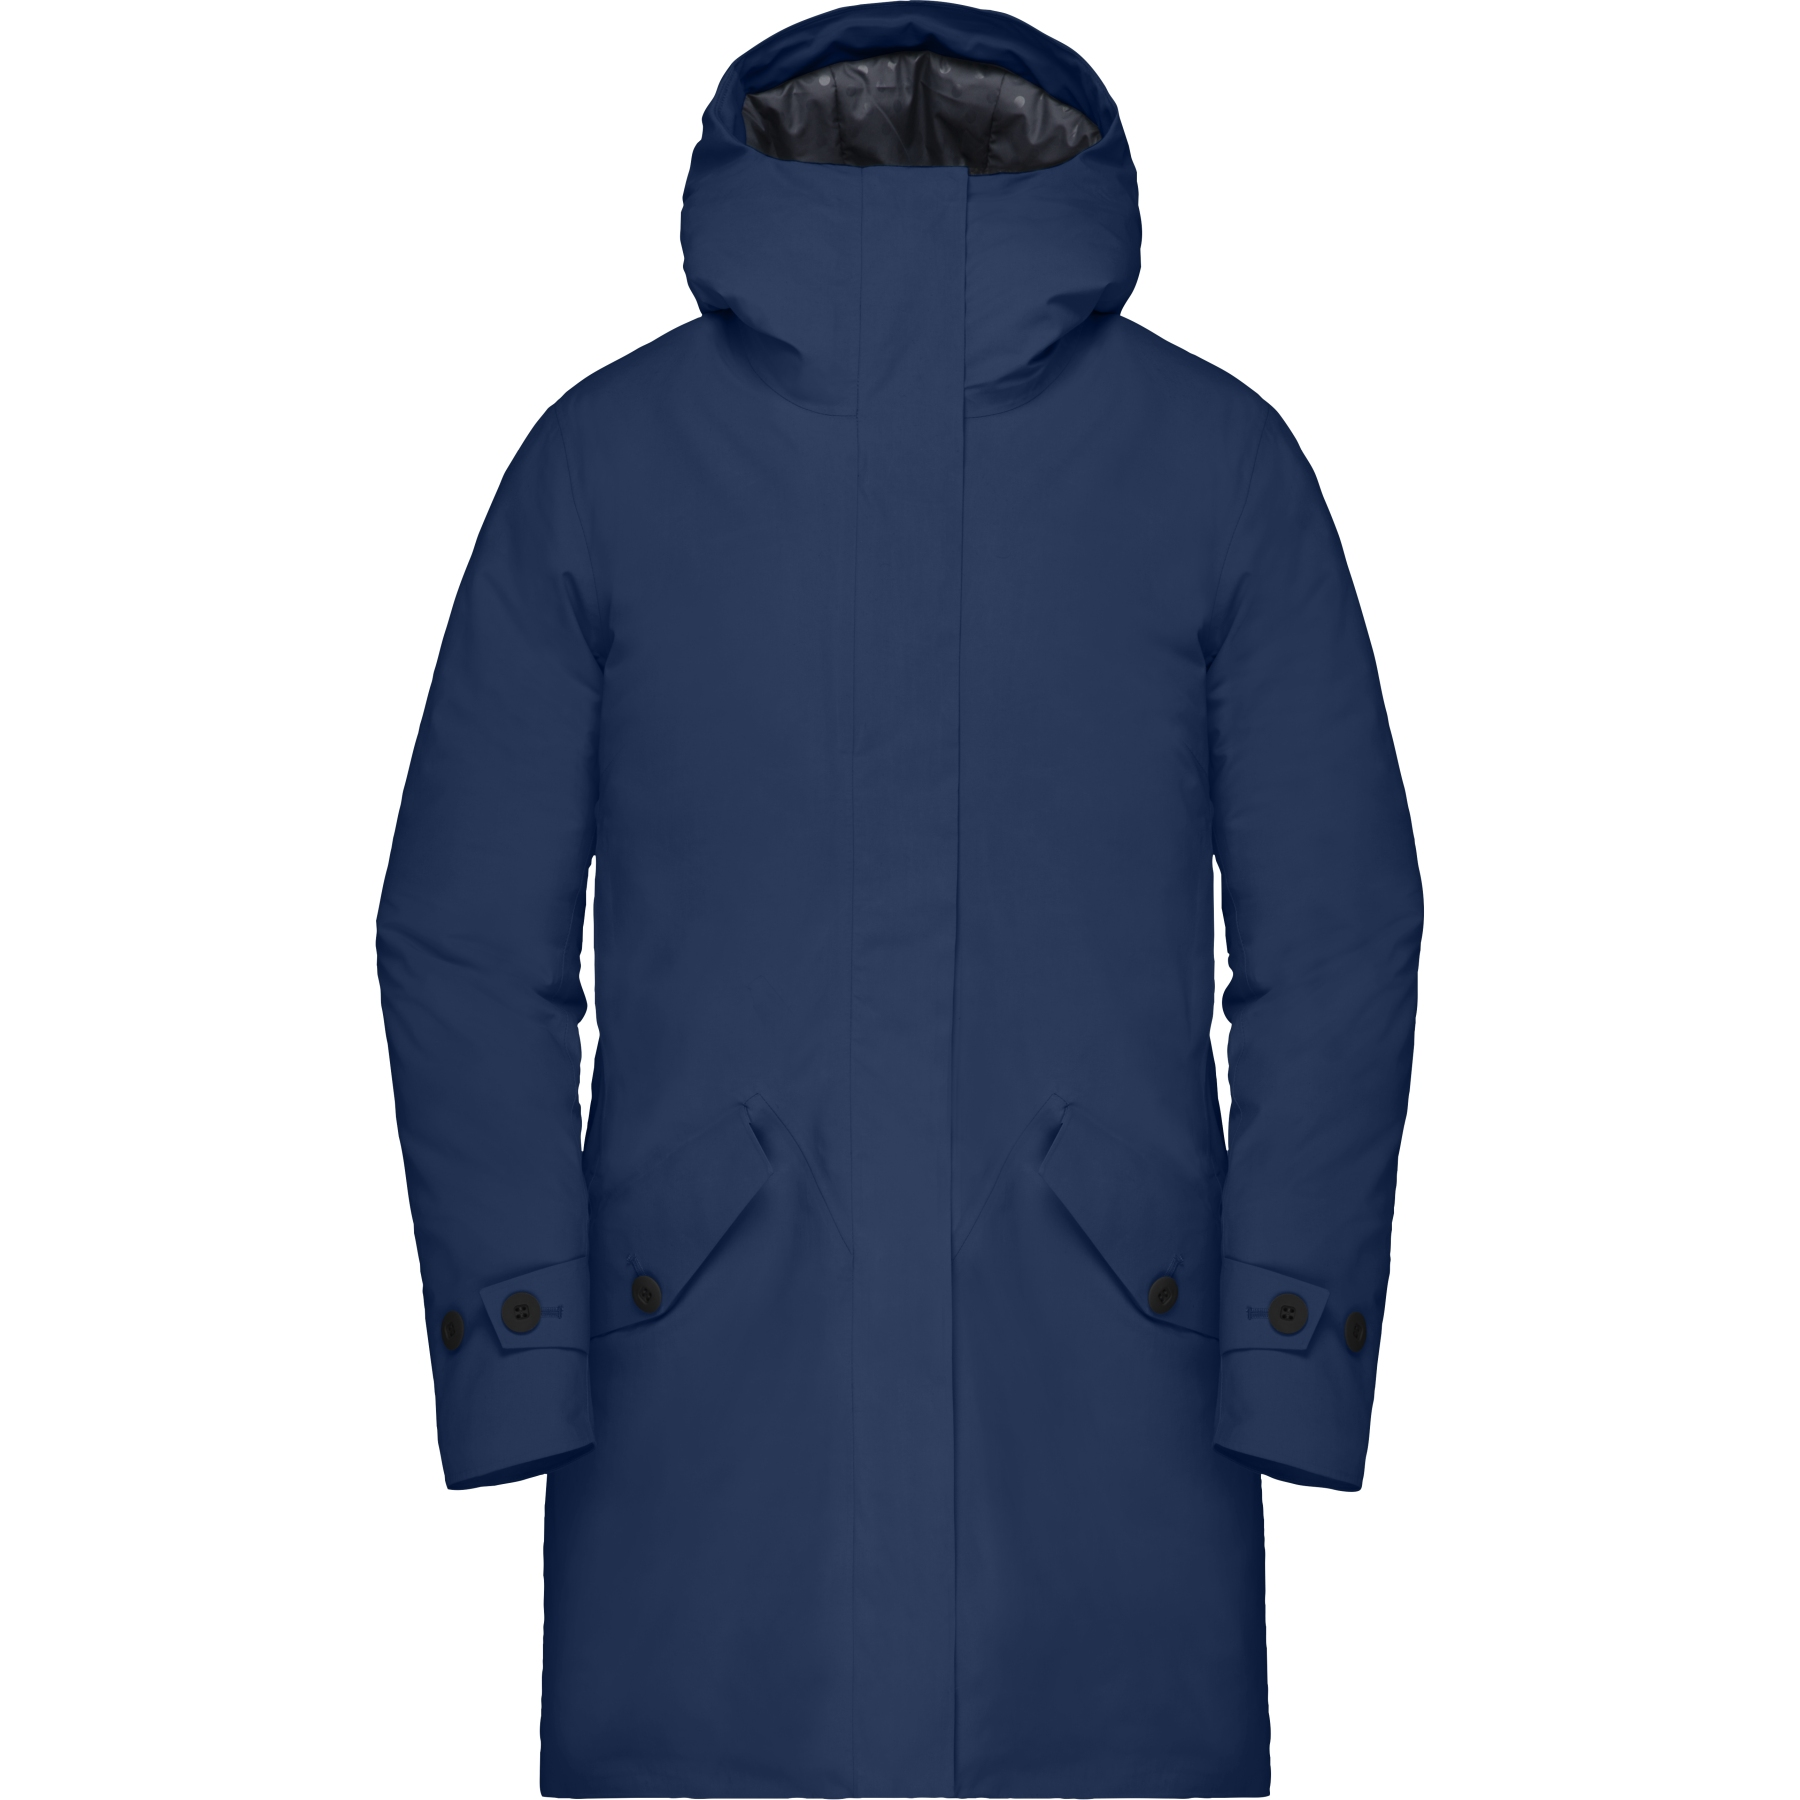 Produktbild von Norrona oslo Gore-Tex insulated Damen Parka - Indigo Night